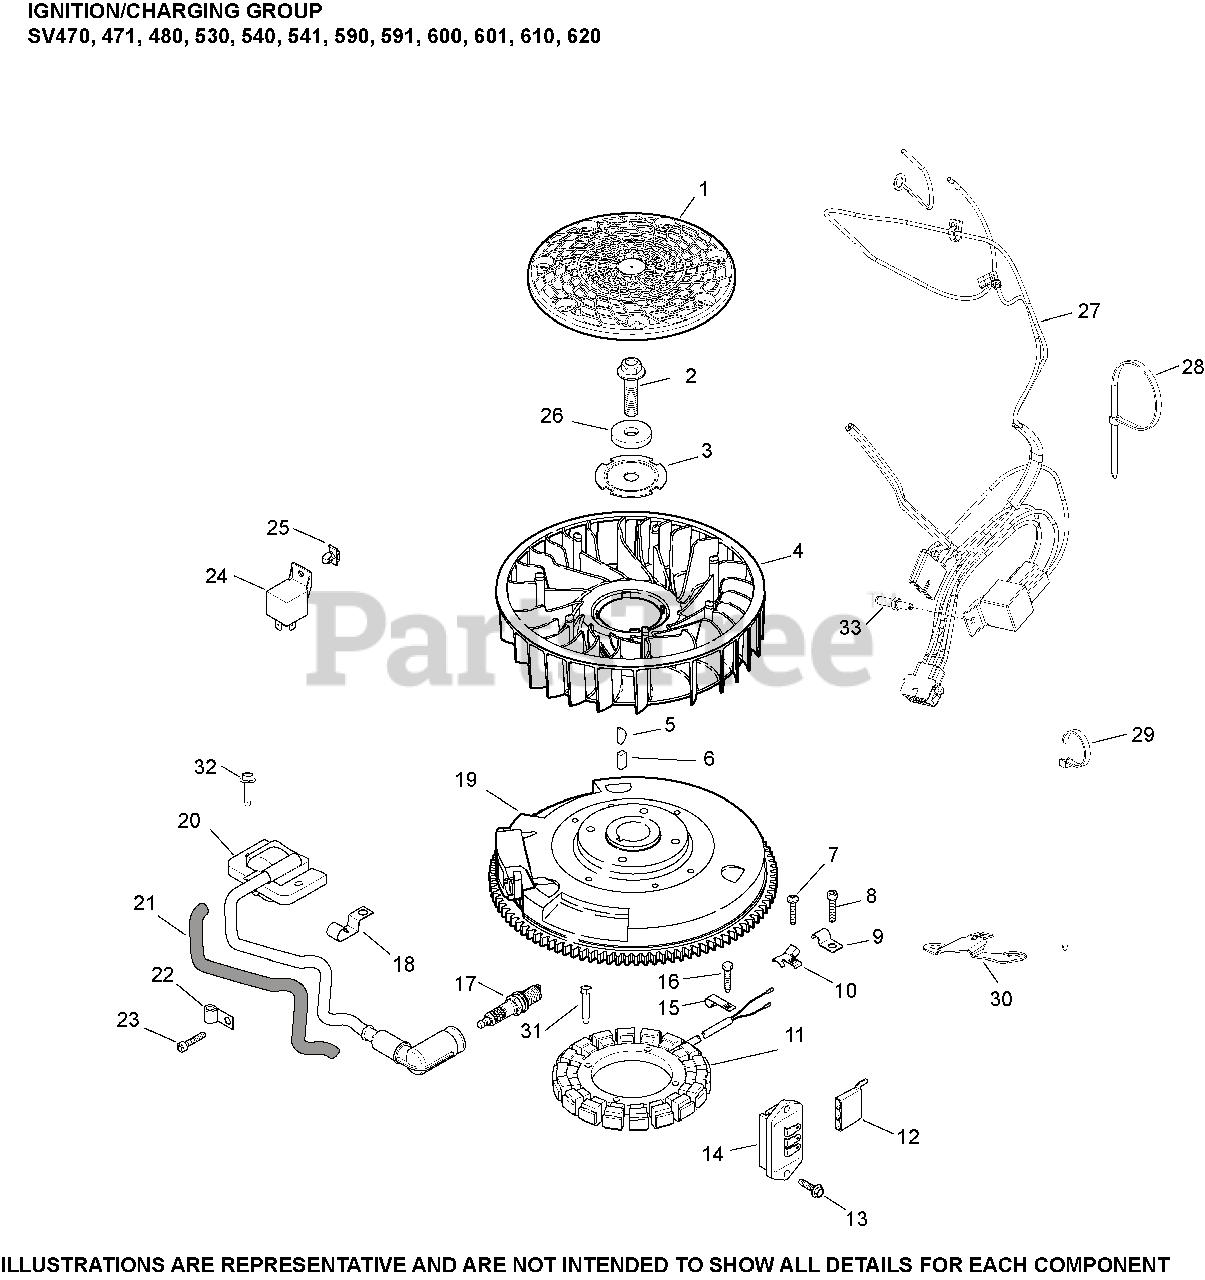 Kohler Parts on the Ignition/Charging SV470-620 Diagram